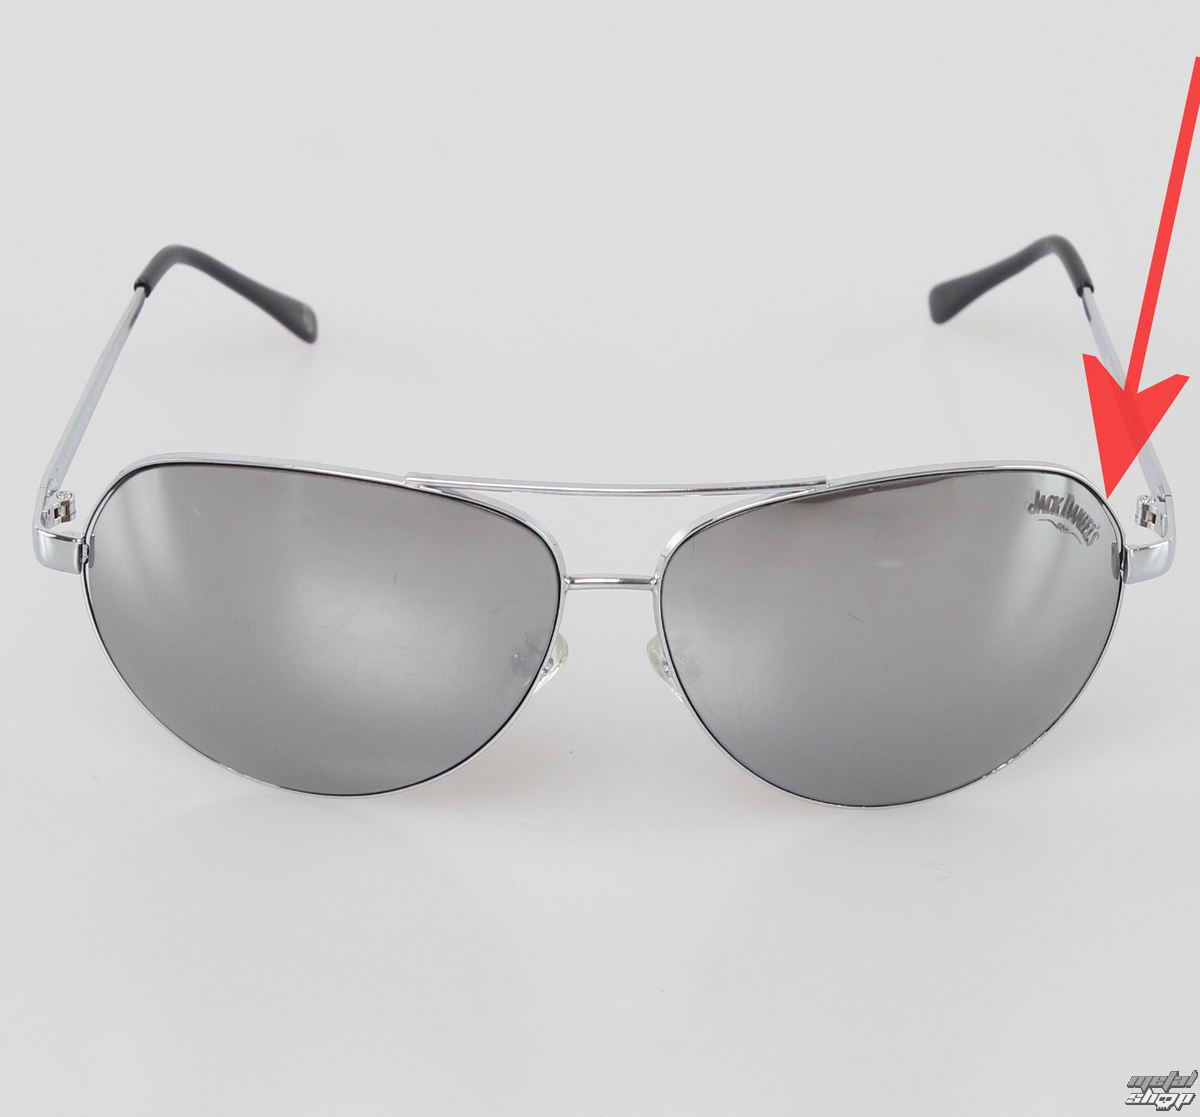 sluneční brýle Jack Daniels - BIOWORLD - JD2019 - POŠKOZENÉ - N048